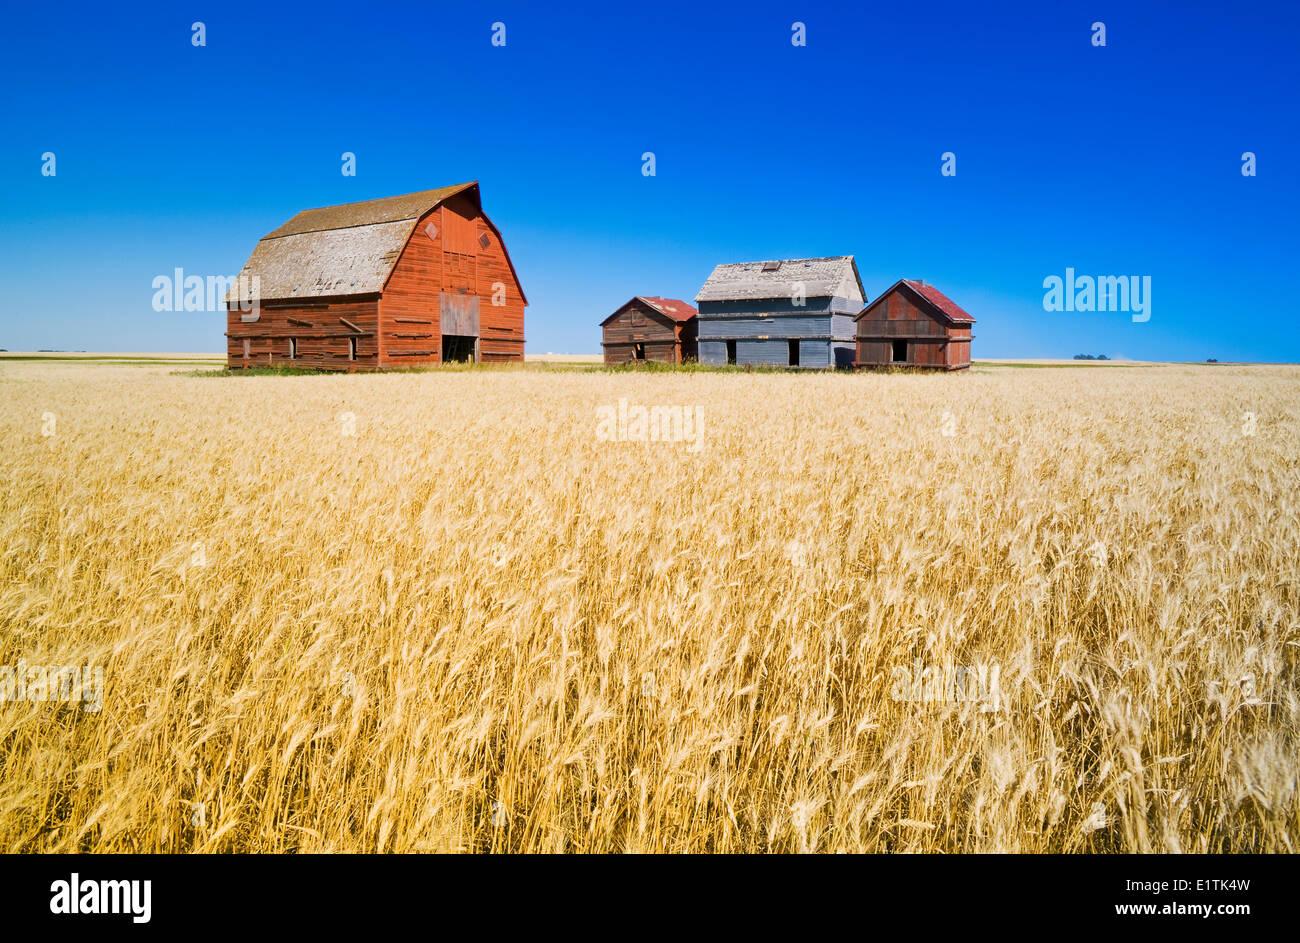 Vecchi contenitori del cereale e granaio rosso accanto al campo di grano, nei pressi di Regina, Saskatchewan, Canada Immagini Stock